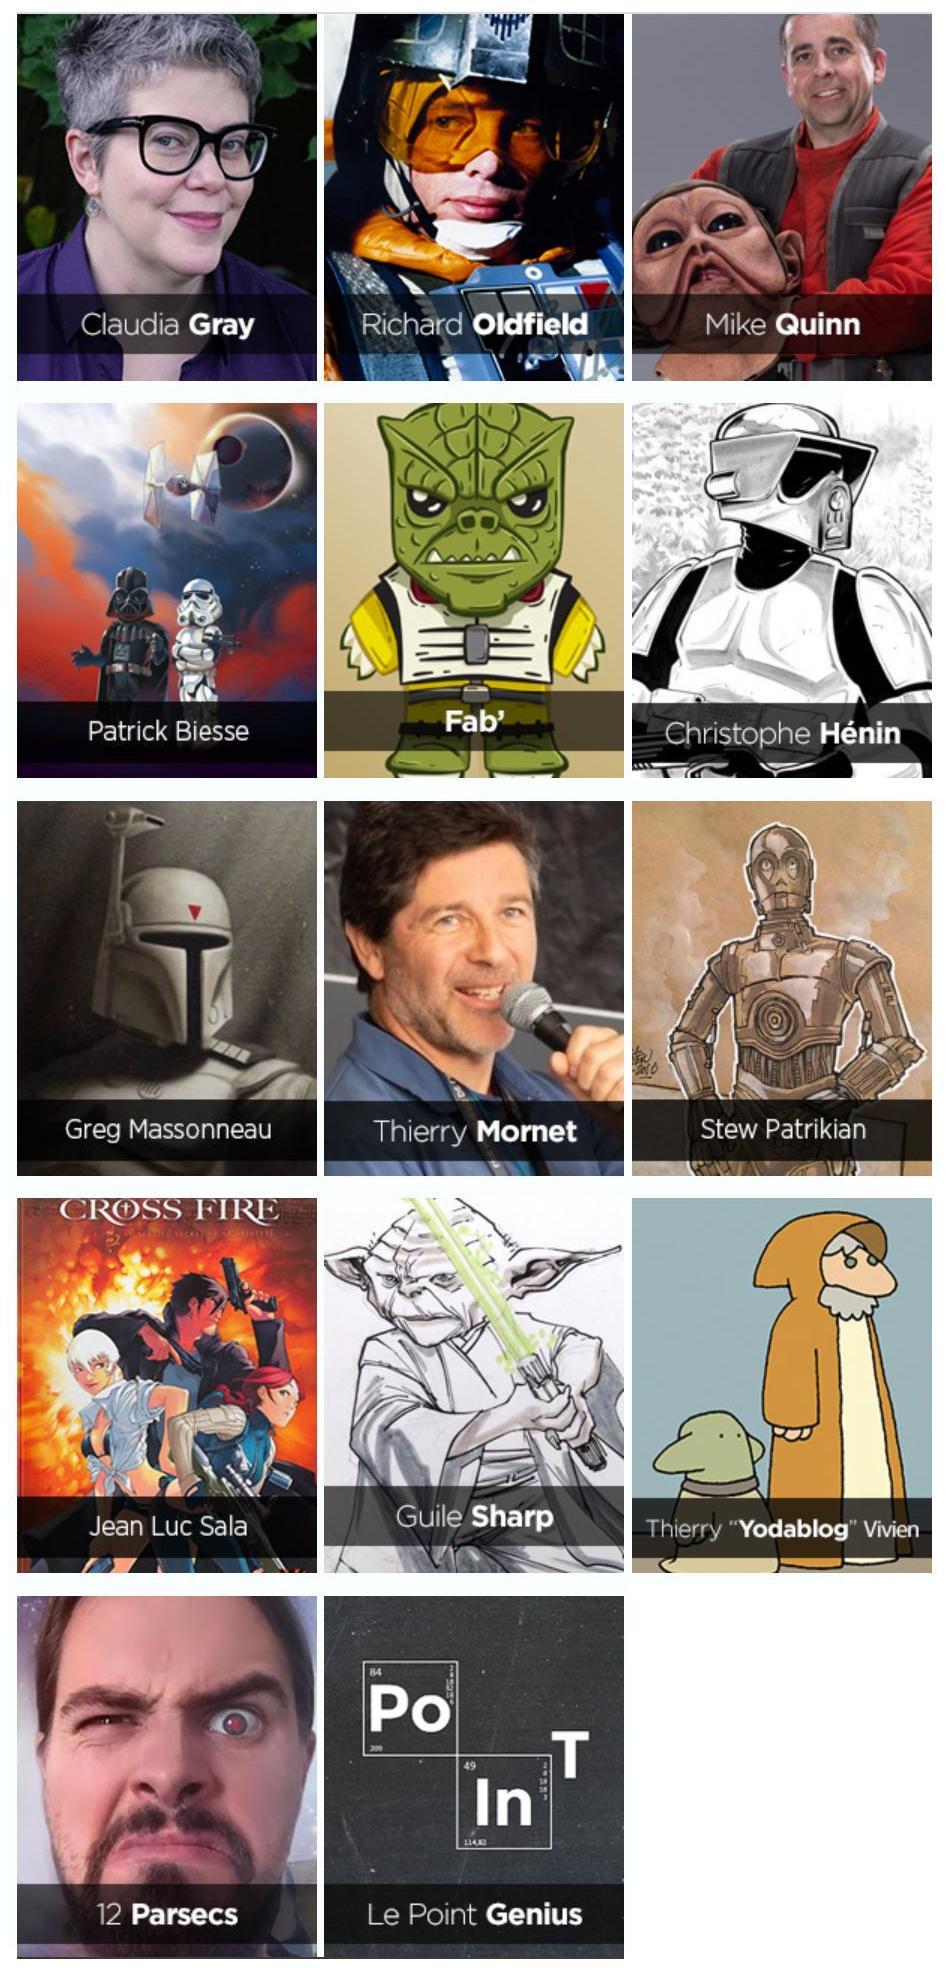 Générations Star Wars et SF 2021 - 11 et 12 septembre 2021 Annonc43